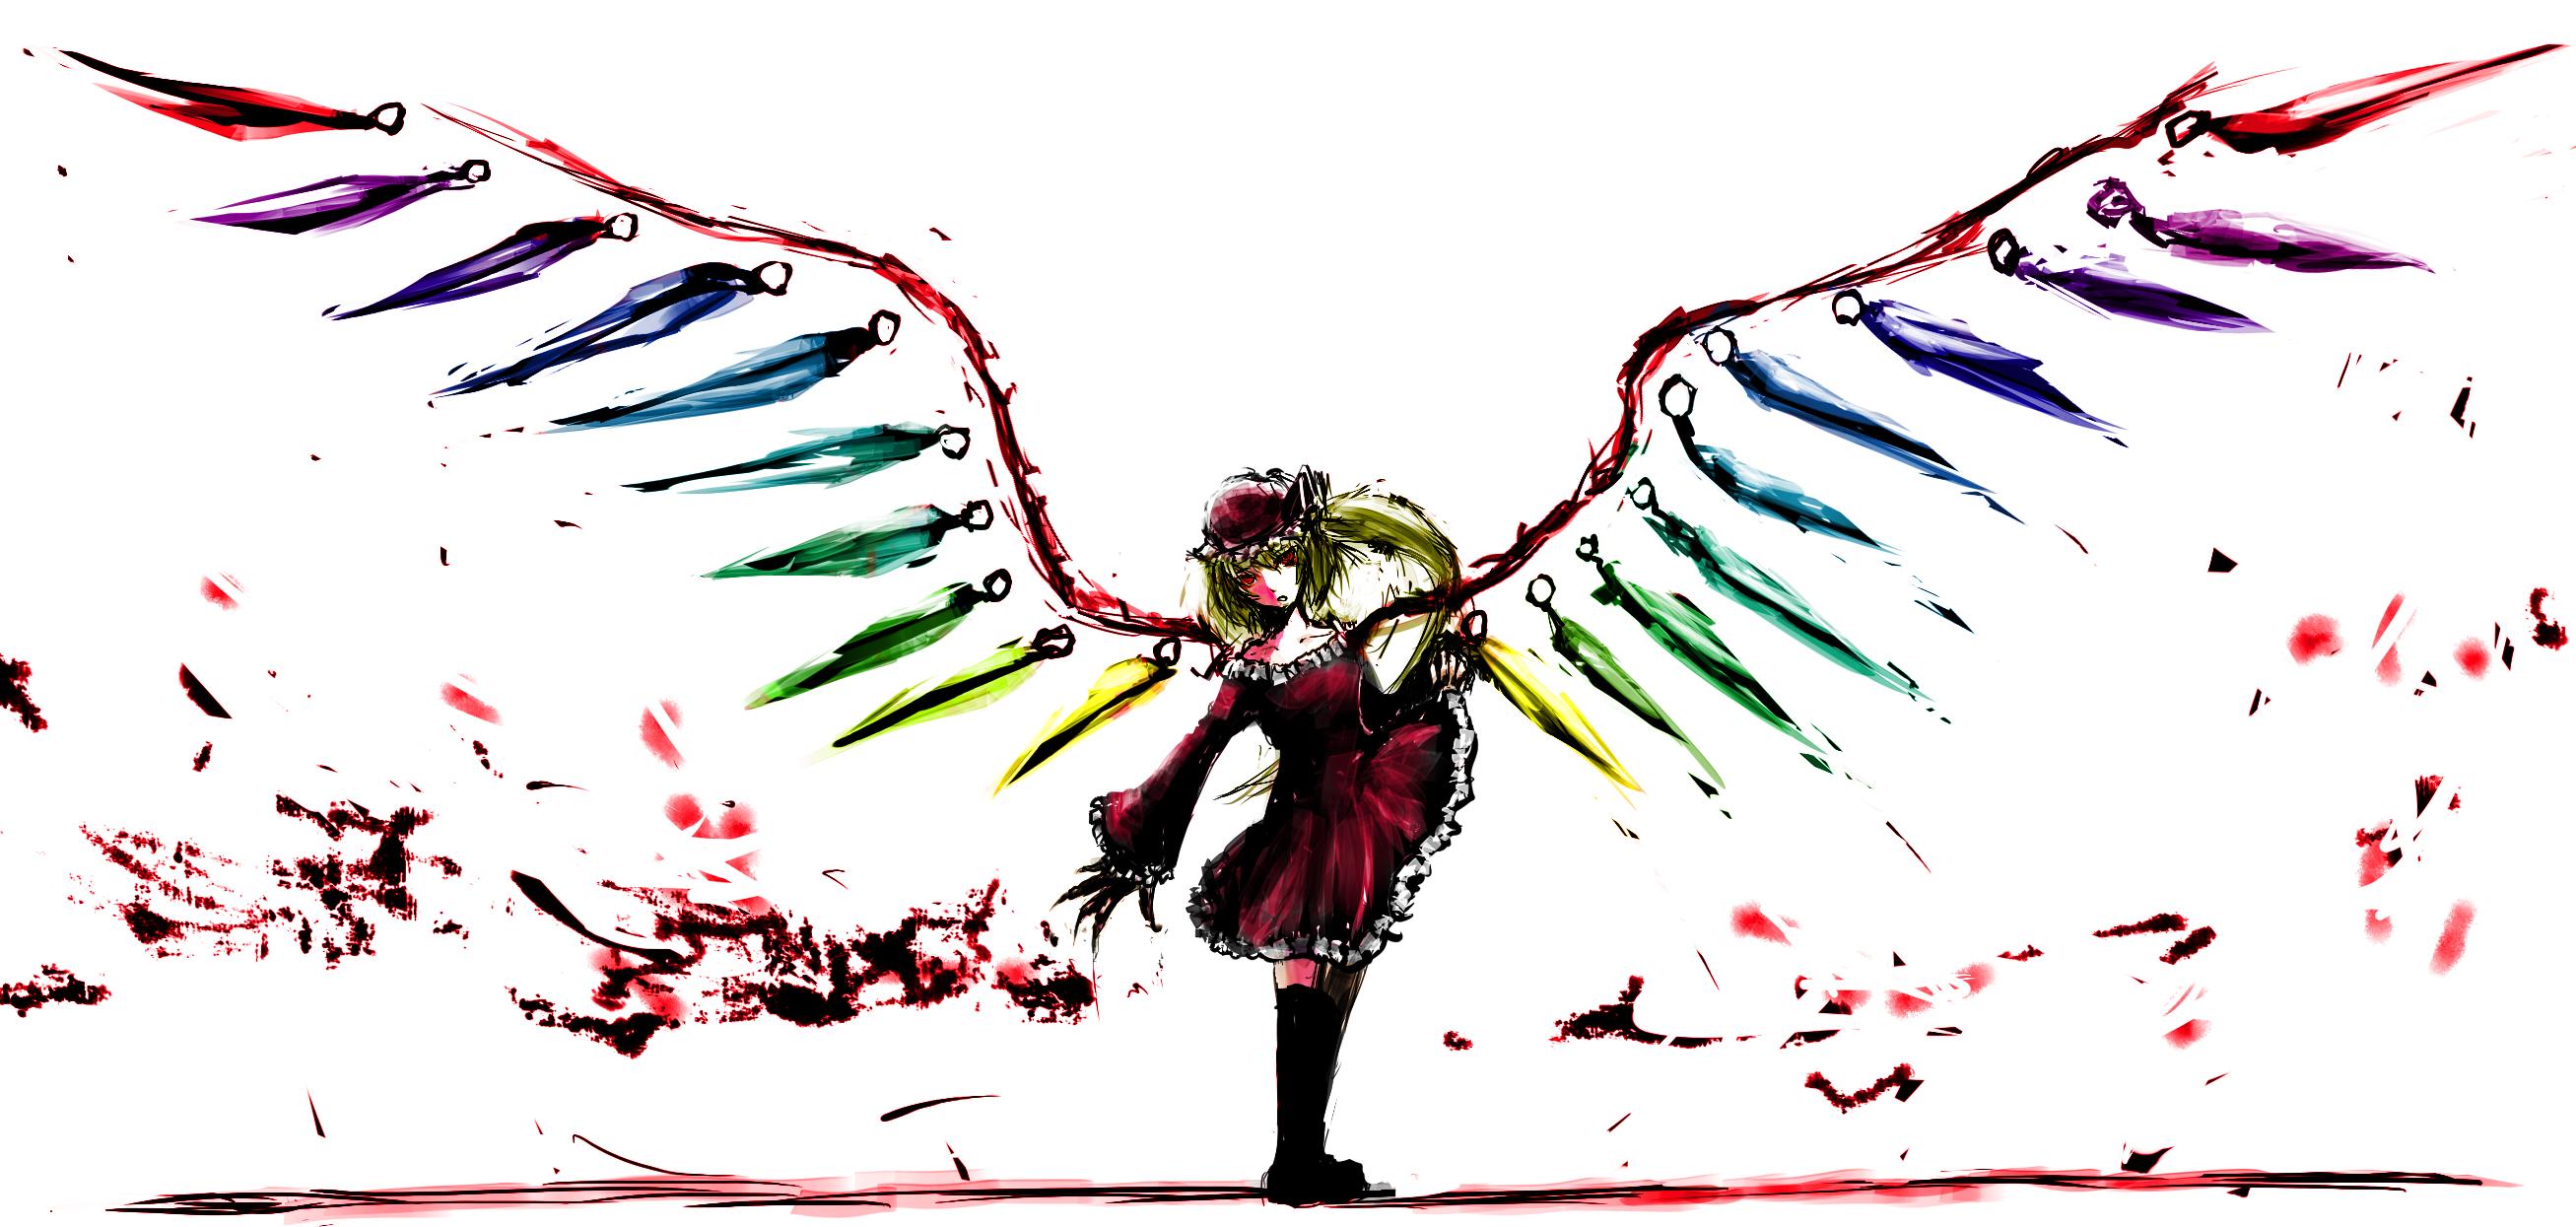 flandre scarlet wings - photo #24